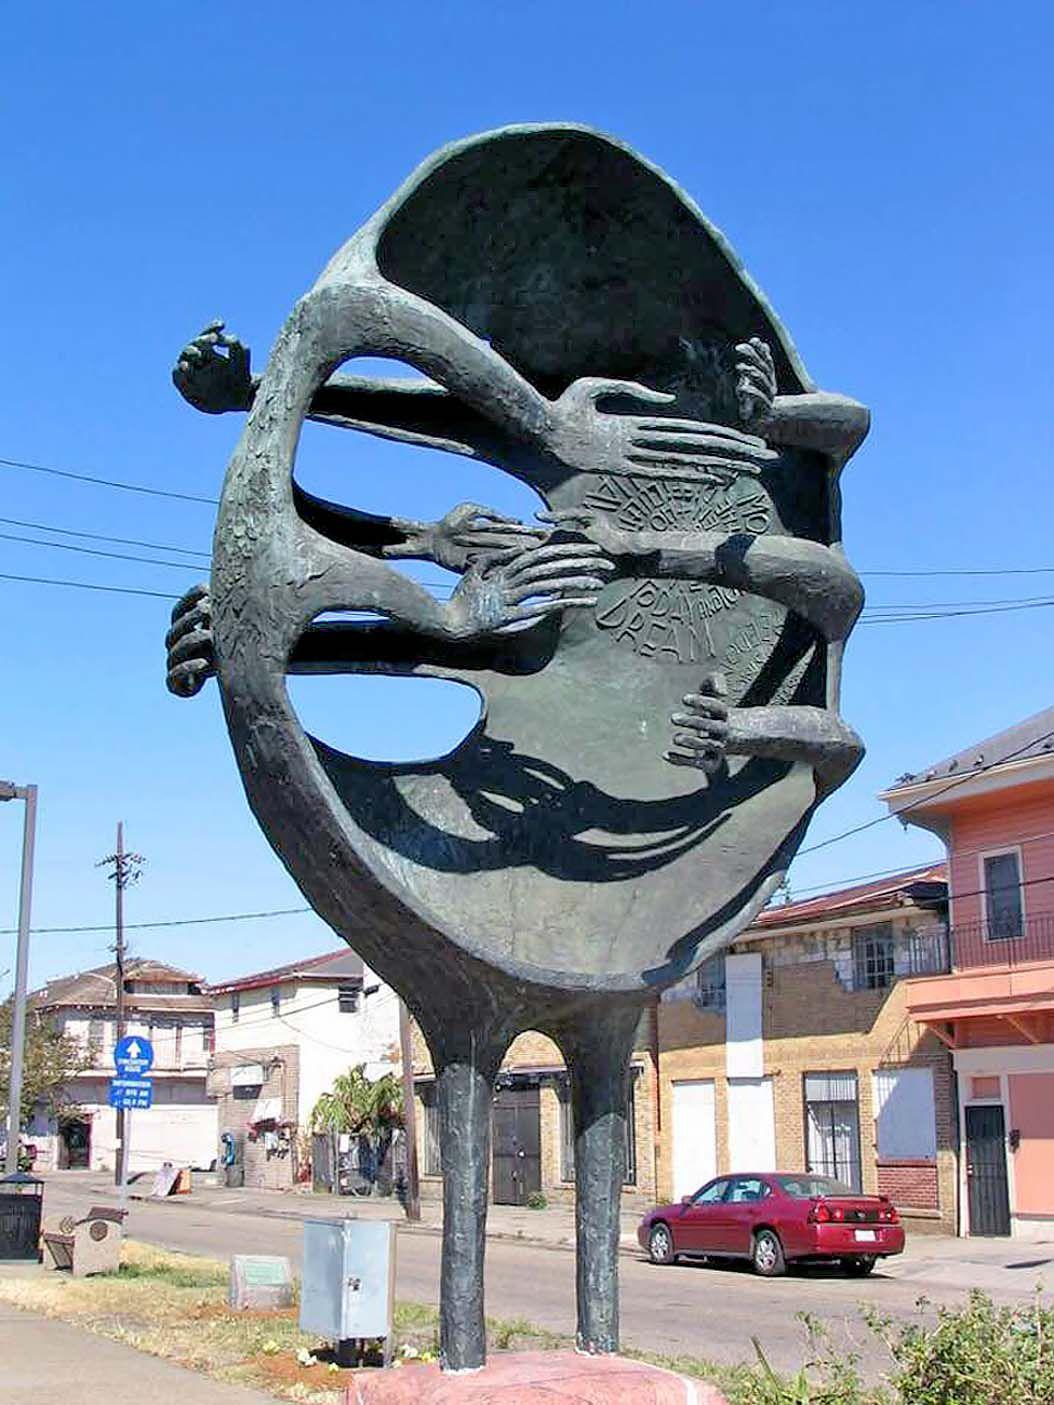 MLK sculptures